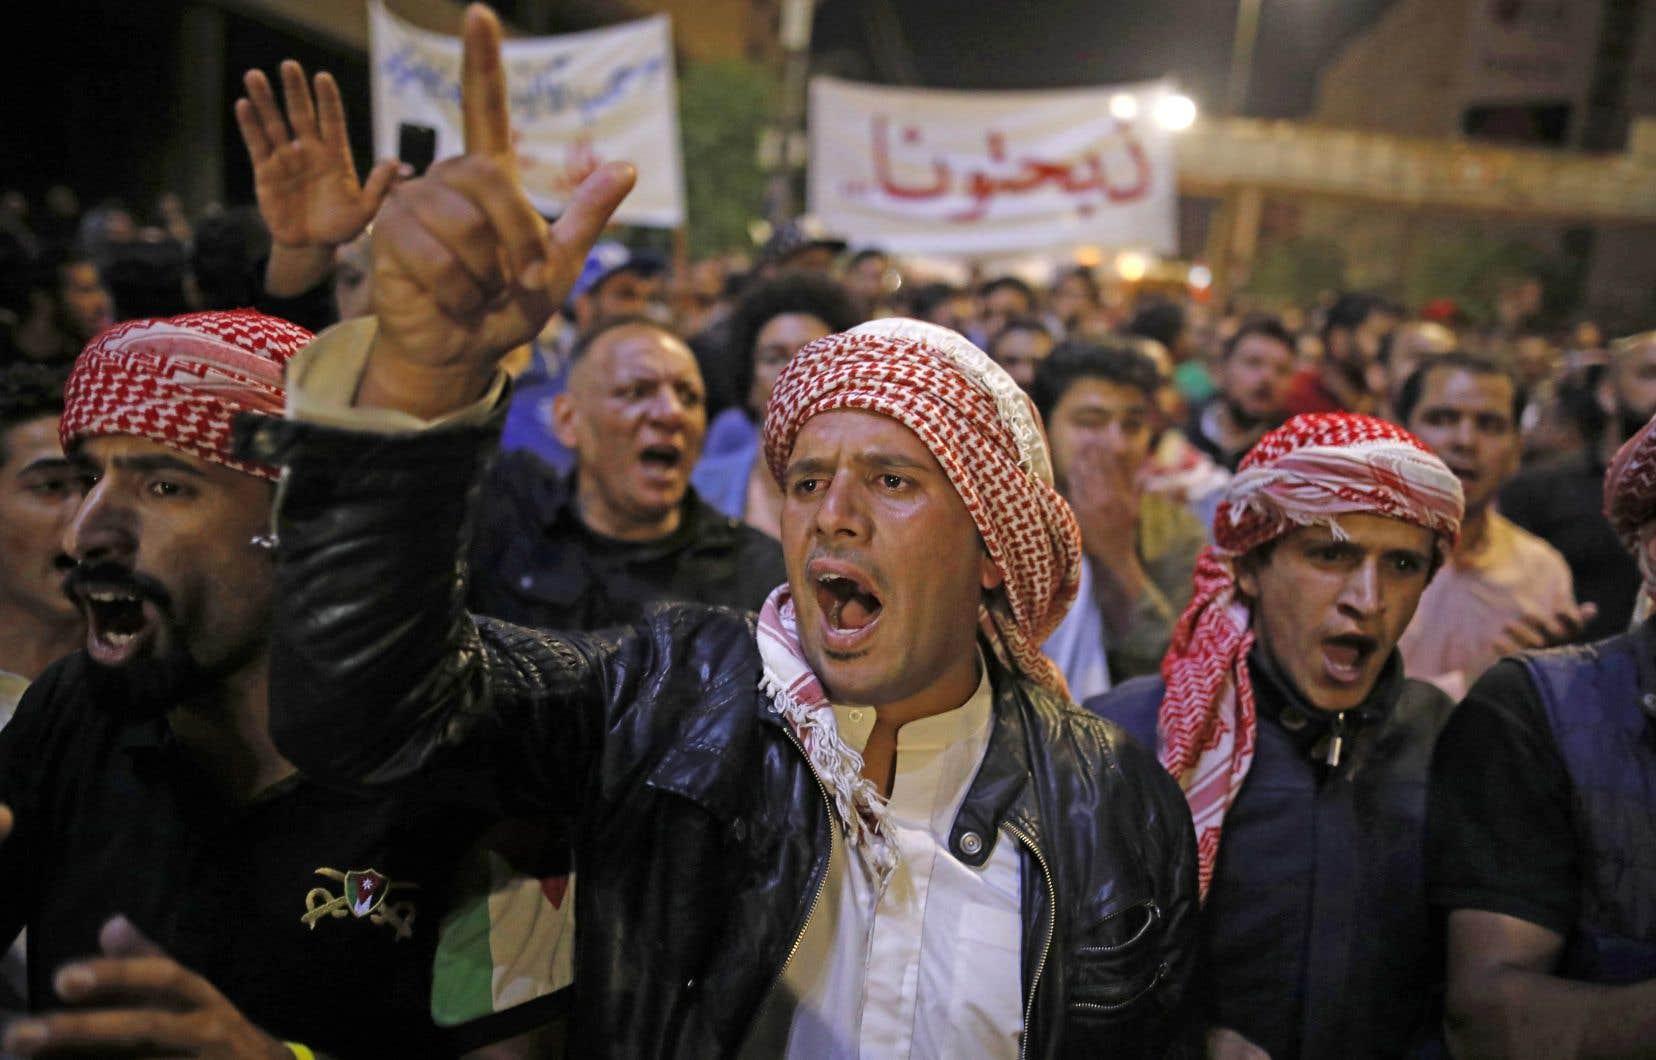 Des manifestations se déroulaient à Amman, mardi, après la rupture du jeûne du ramadan, comme tous les jours depuis sept jours.